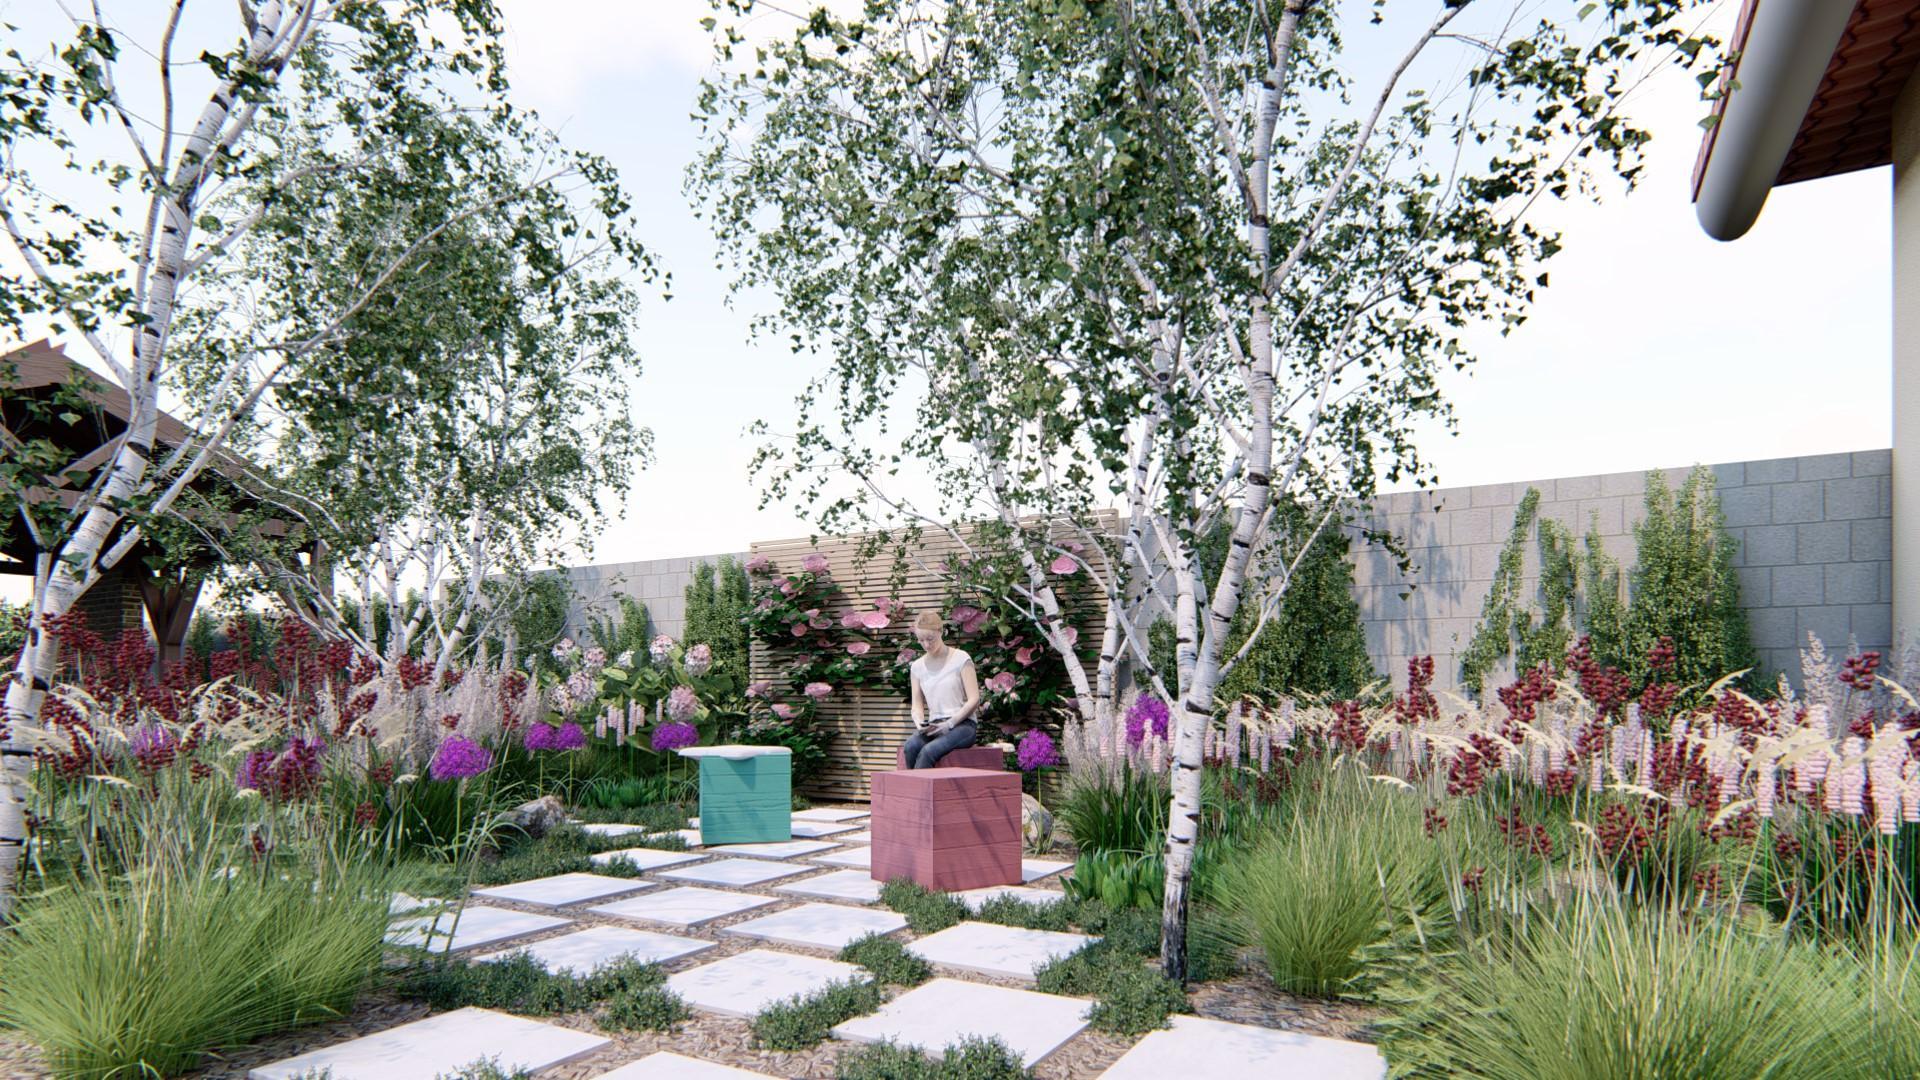 Záhrada s brezami - Obrázok č. 3